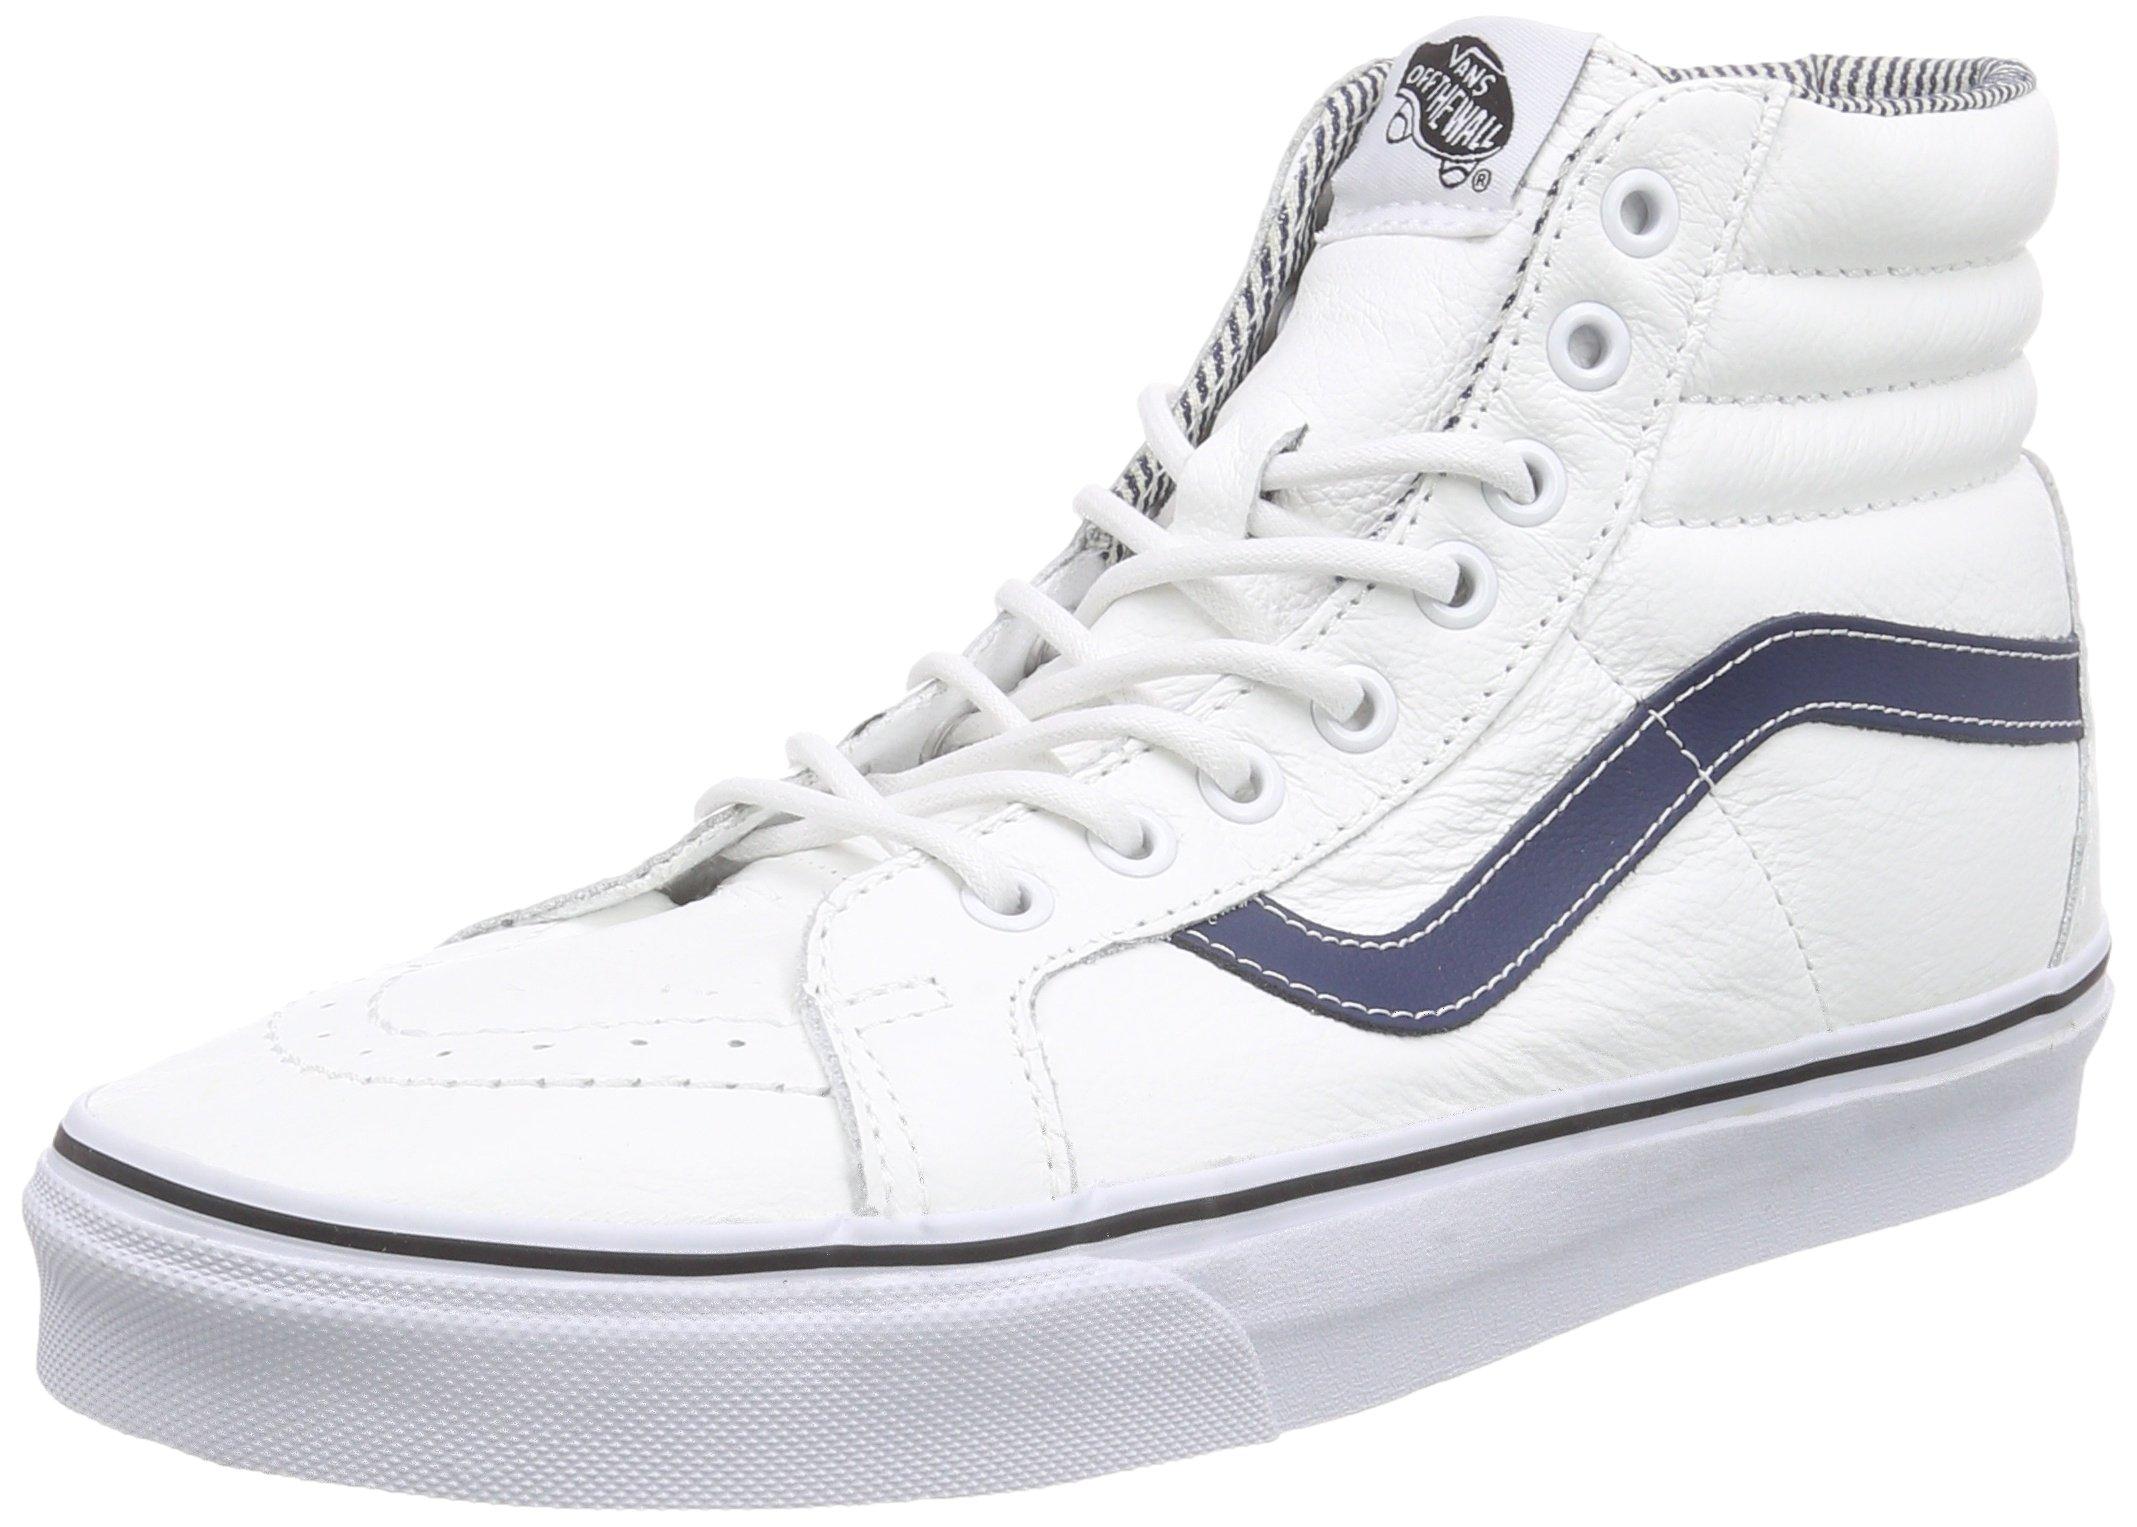 49bf8d8c7a8de Amazon.com: Vans Shoes SK8-Hi Reissue Unisex Hi-Top Sneakers Leather ...